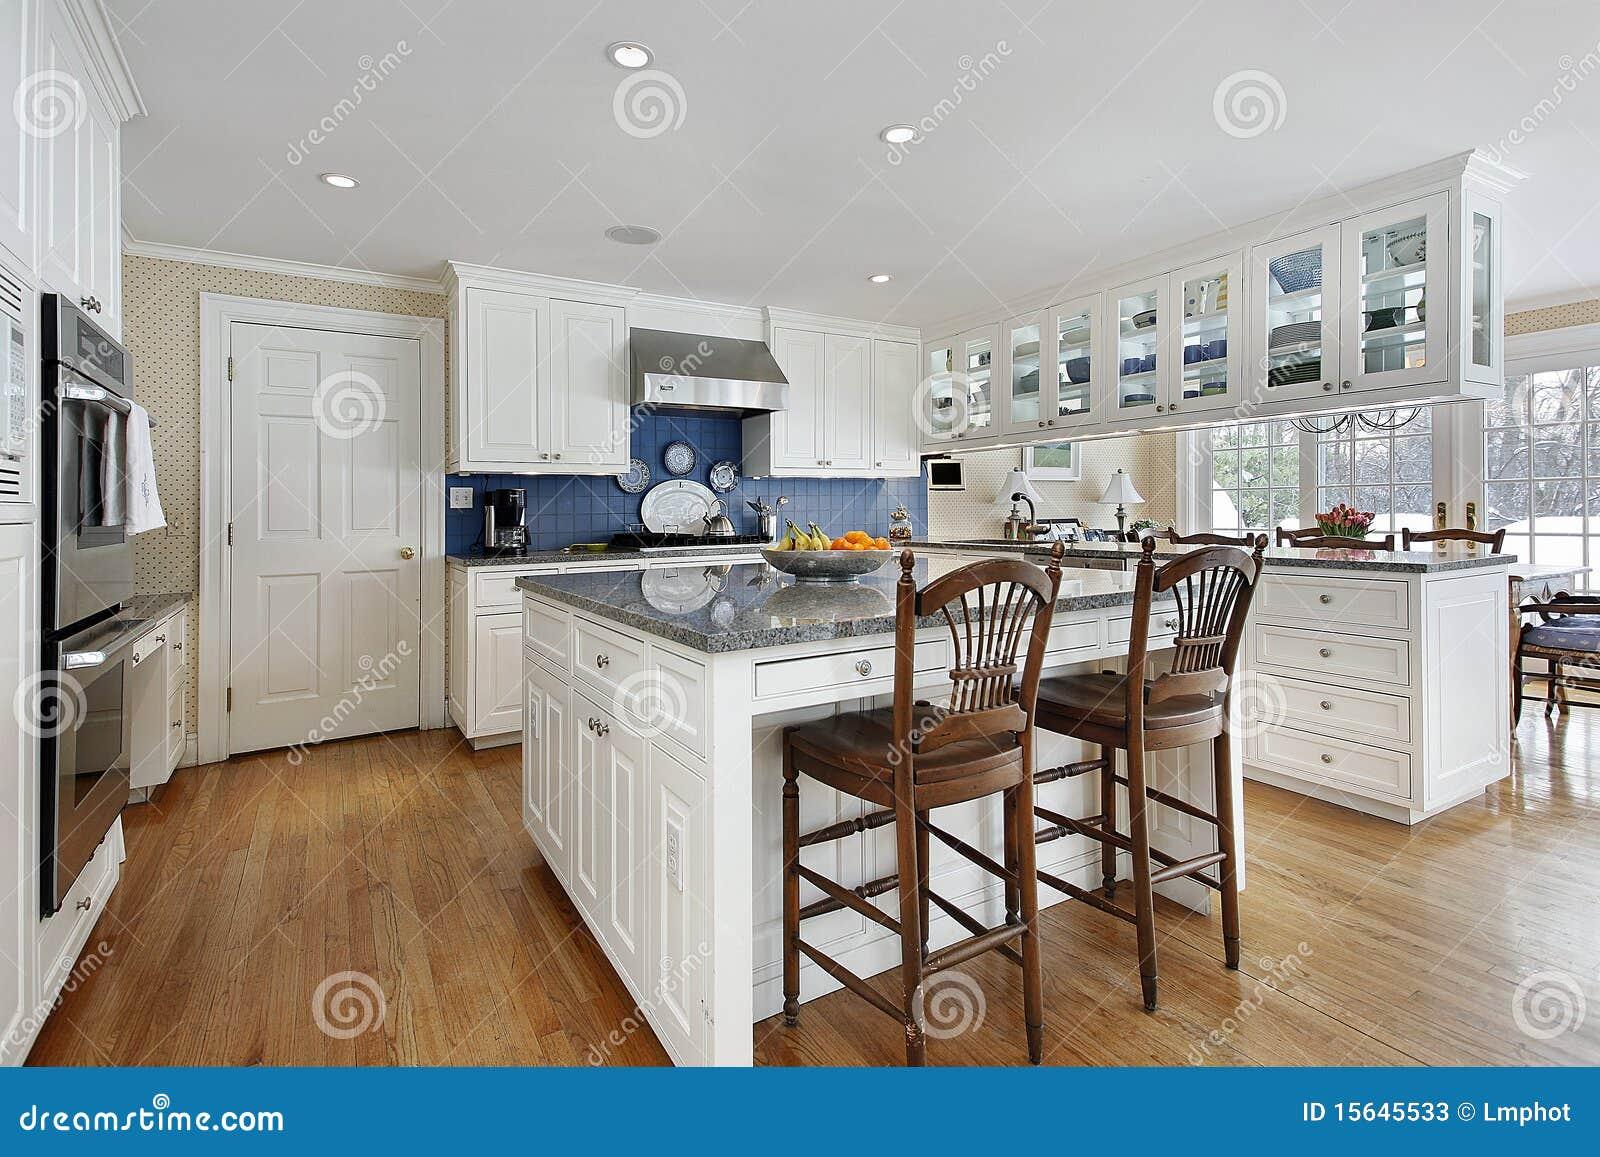 Küche Mit Großer Mittelinsel Stockbild - Bild von insel, haus: 15645533